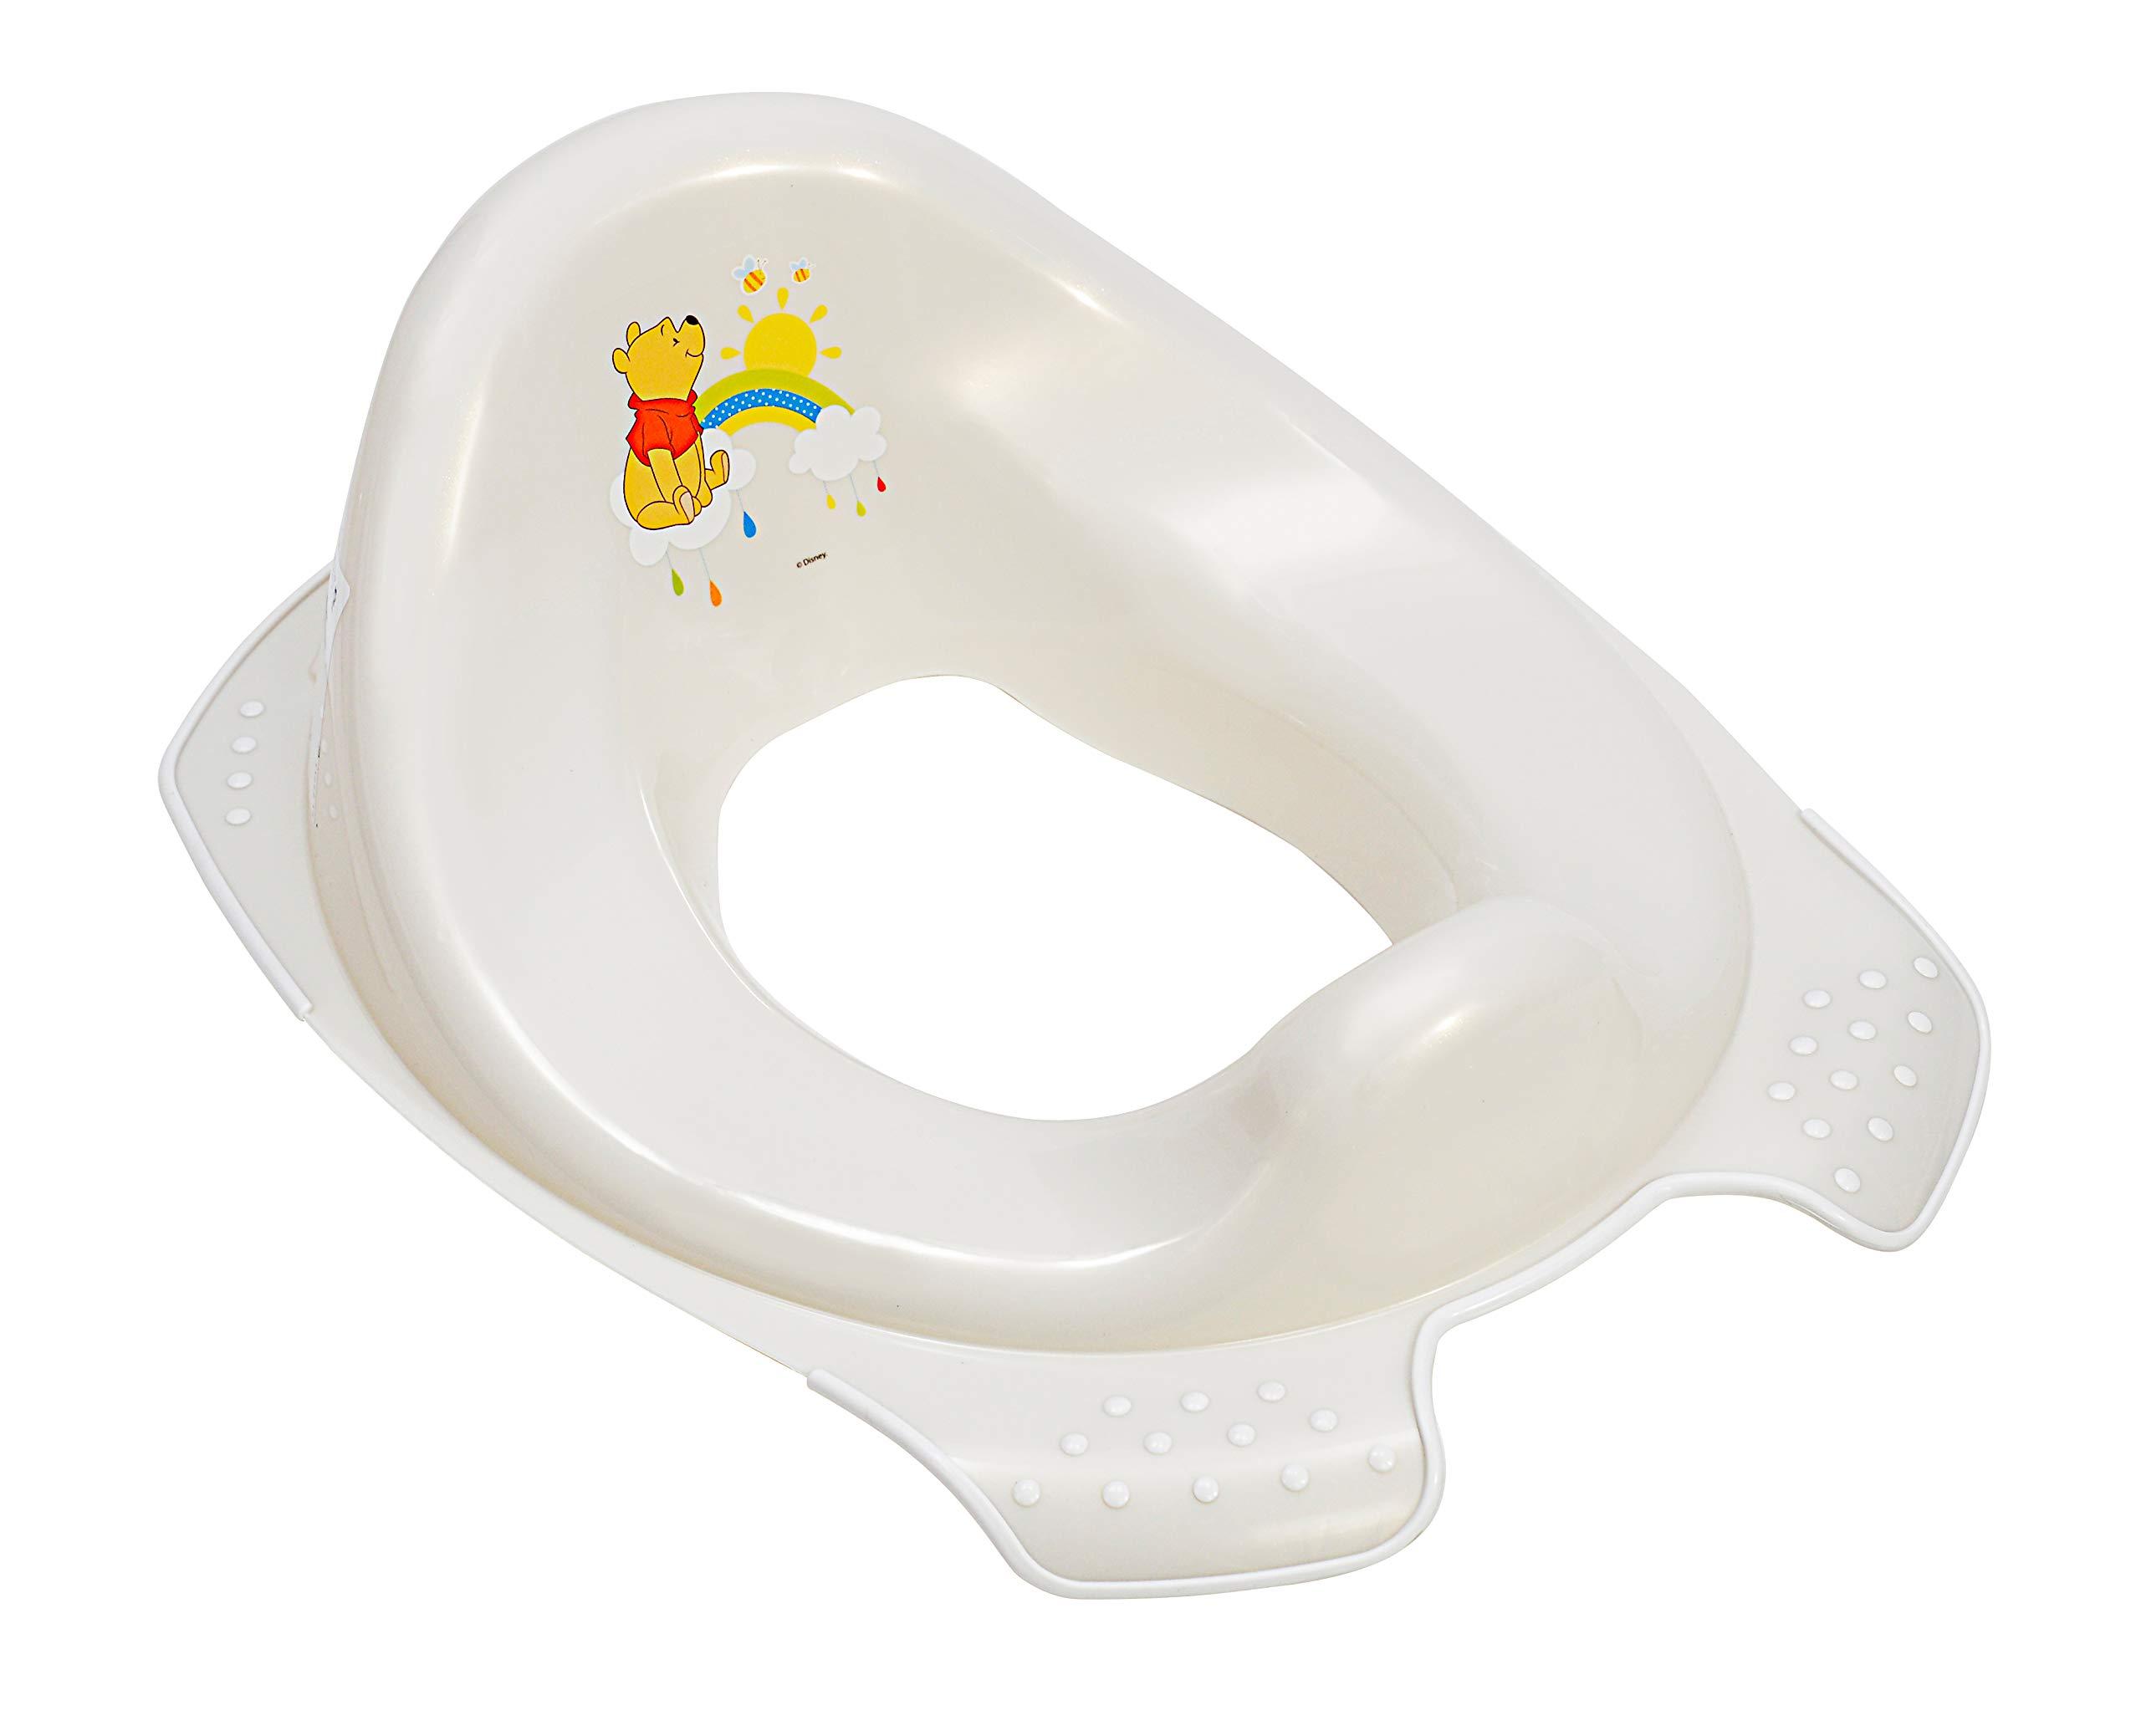 Premium Kinder-Toilettensitz Funny Farm aquamarin f/ür Kleinkinder stabiler WC-Sitz mit Anti-Rutsch-Funktion